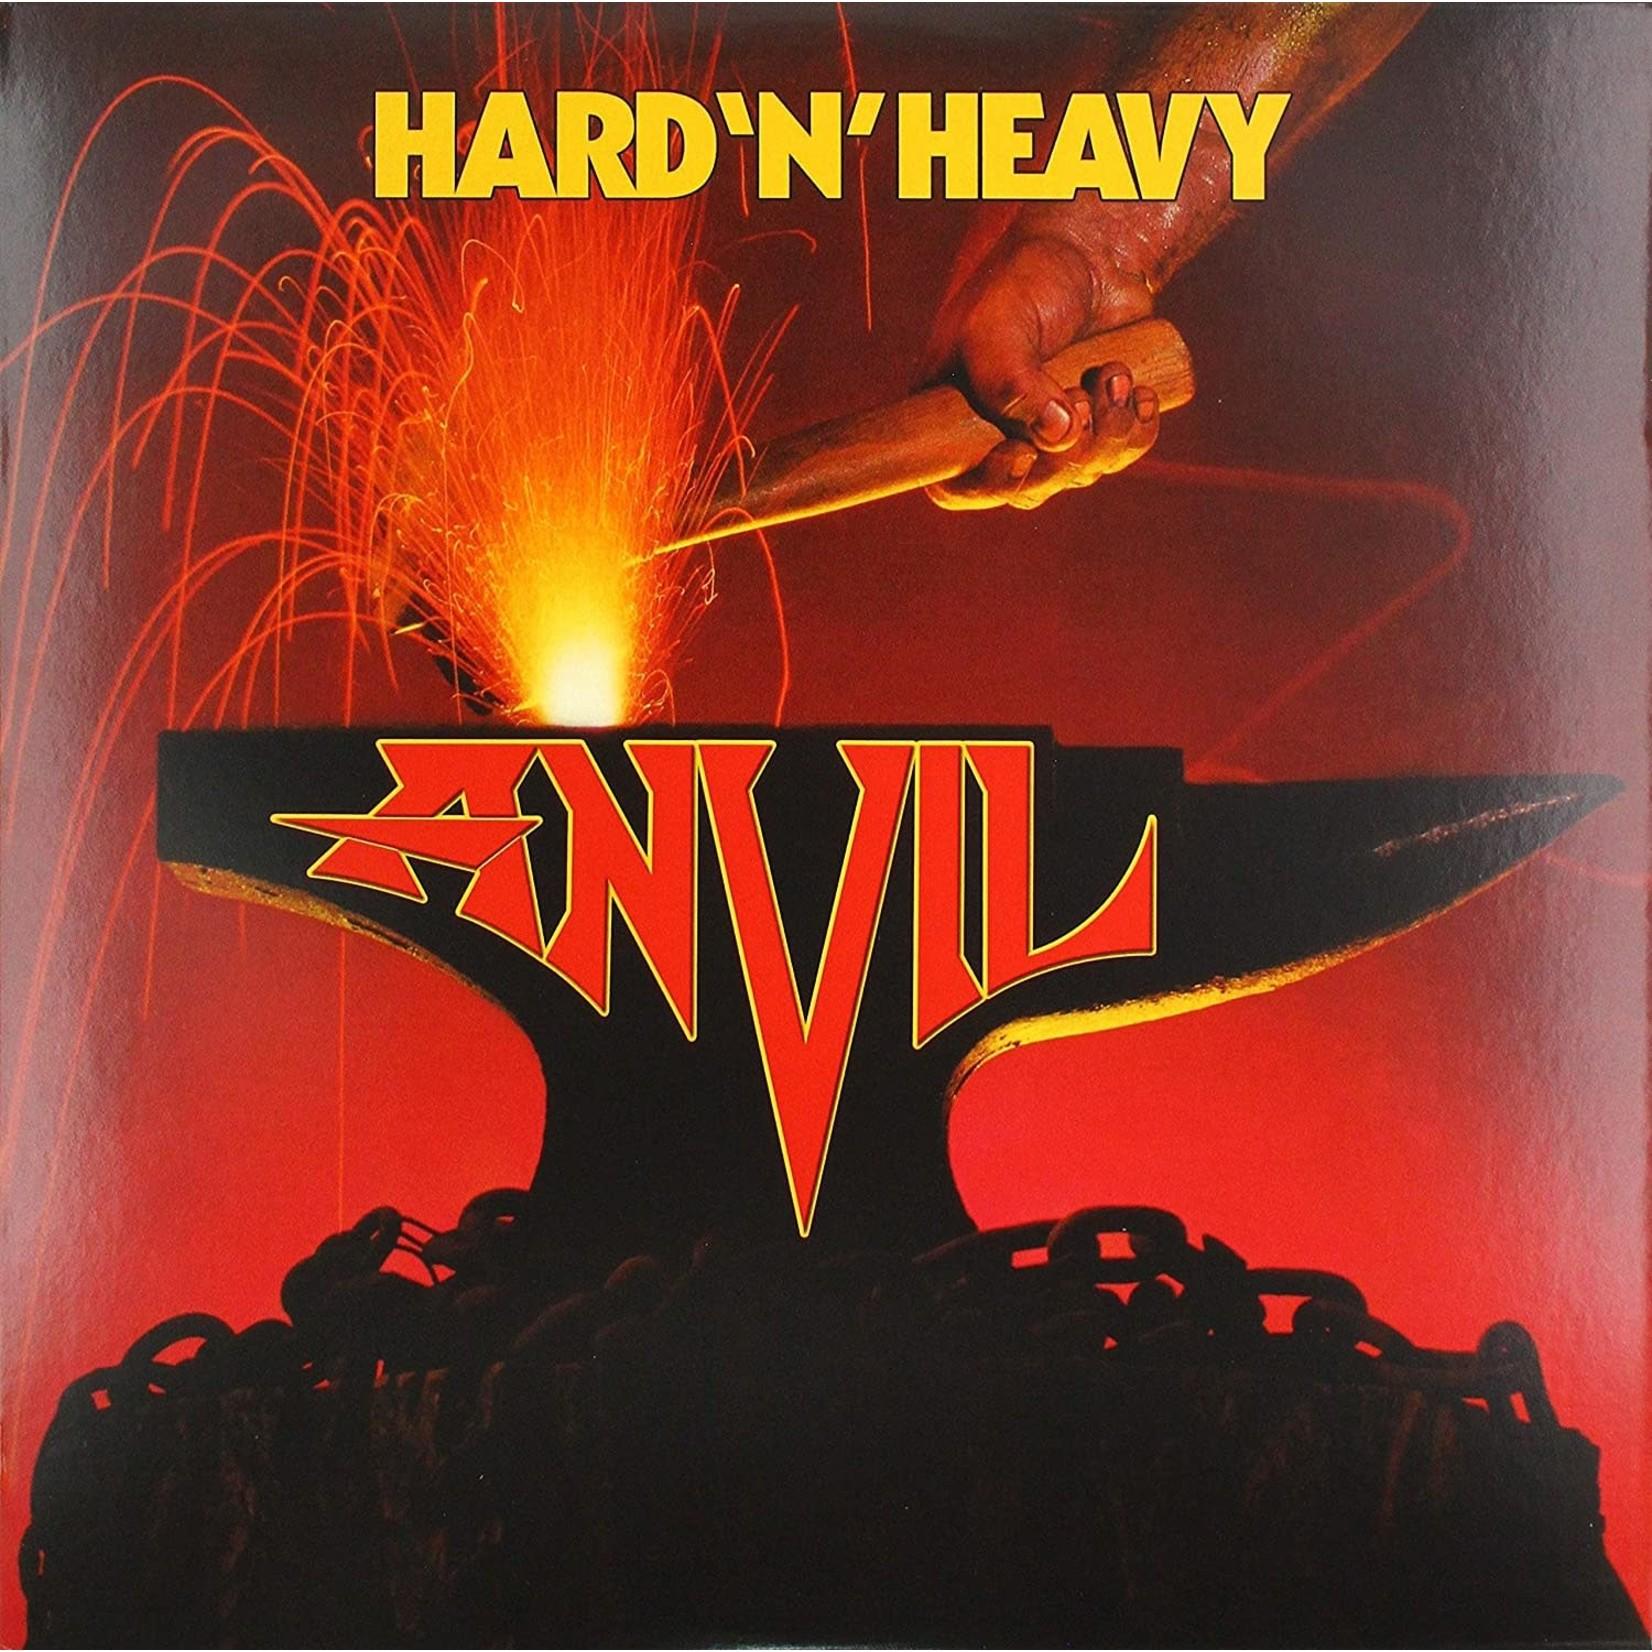 ANVIL HARD 'N' HEAVY (VINYL) LP